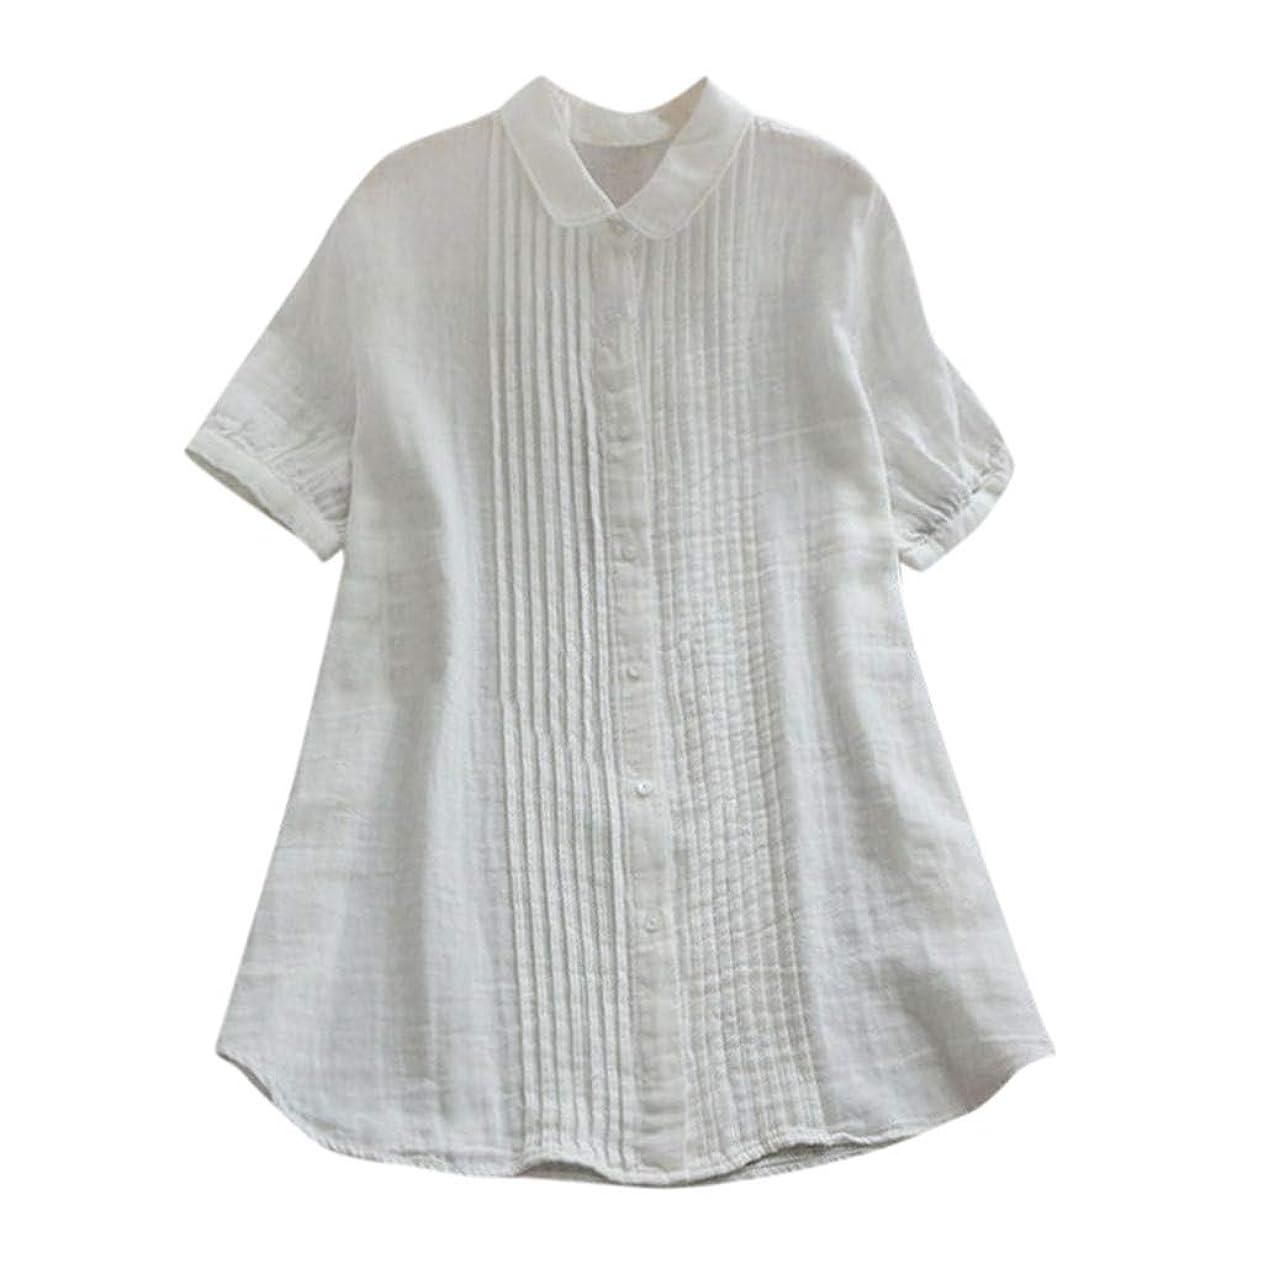 チャールズキージング外交混乱女性の半袖Tシャツ - ピーターパンカラー夏緩い無地カジュアルダウントップスブラウス (白, S)